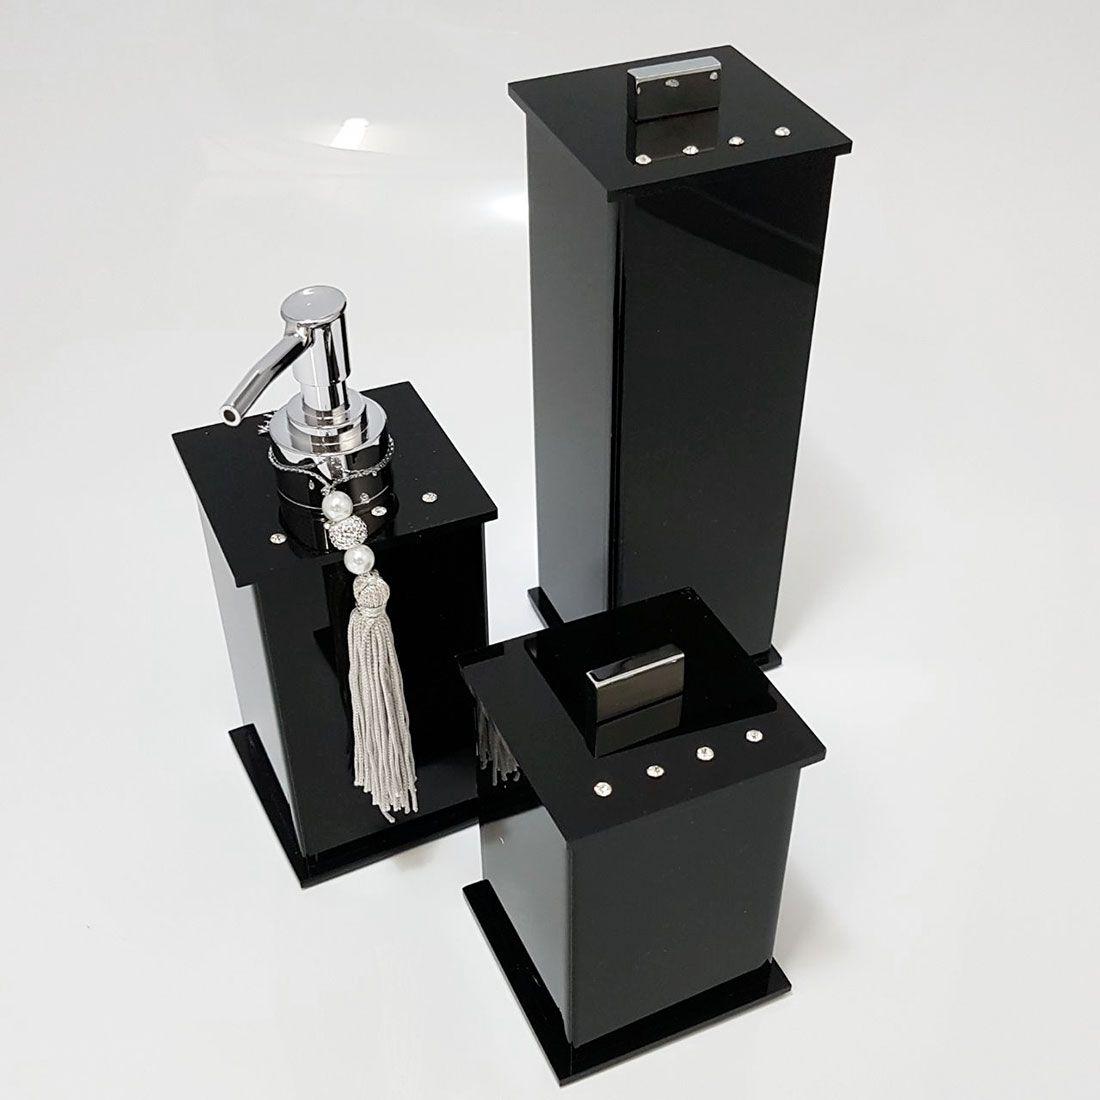 Saboneteira Líquida Elegance Cristal para Bancadas de Banheiros e Lavabos